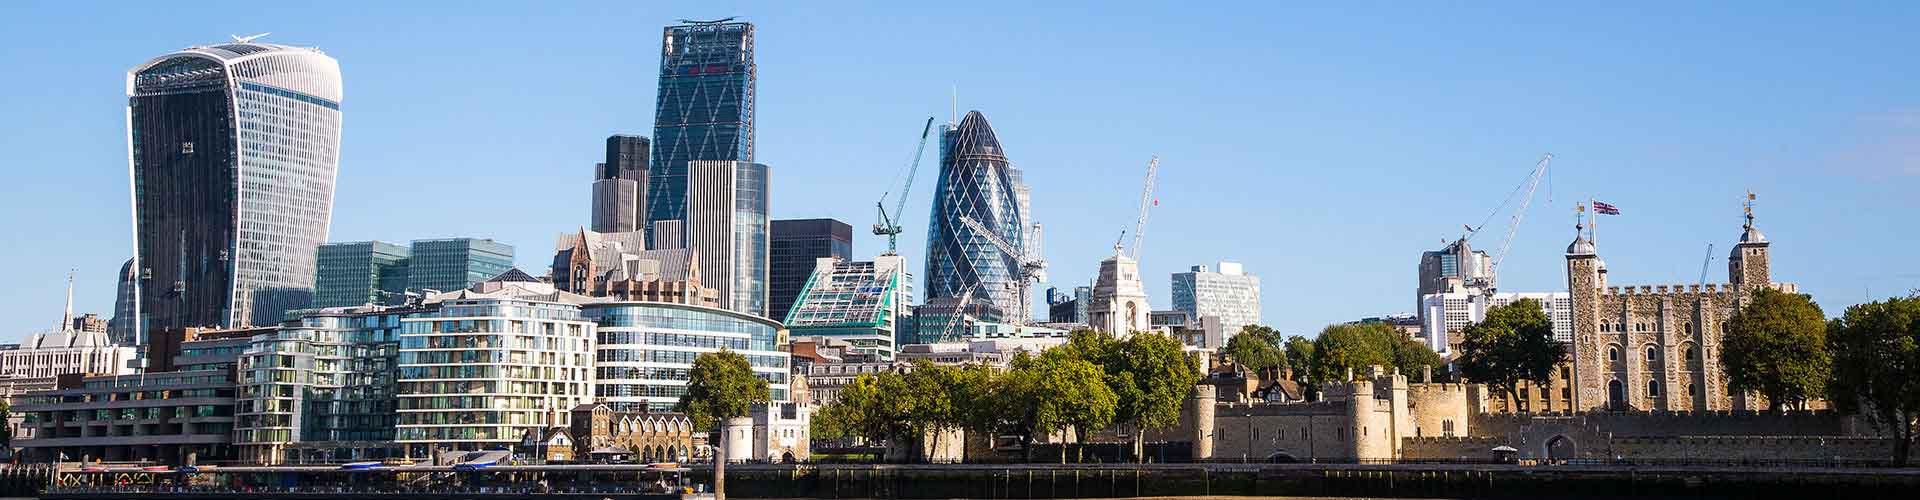 Lontoo – Hostellit lähellä Kupungin keskusta. Lontoo -karttoja, valokuvia ja arvosteluja kaikista Lontoo -hostelleista.